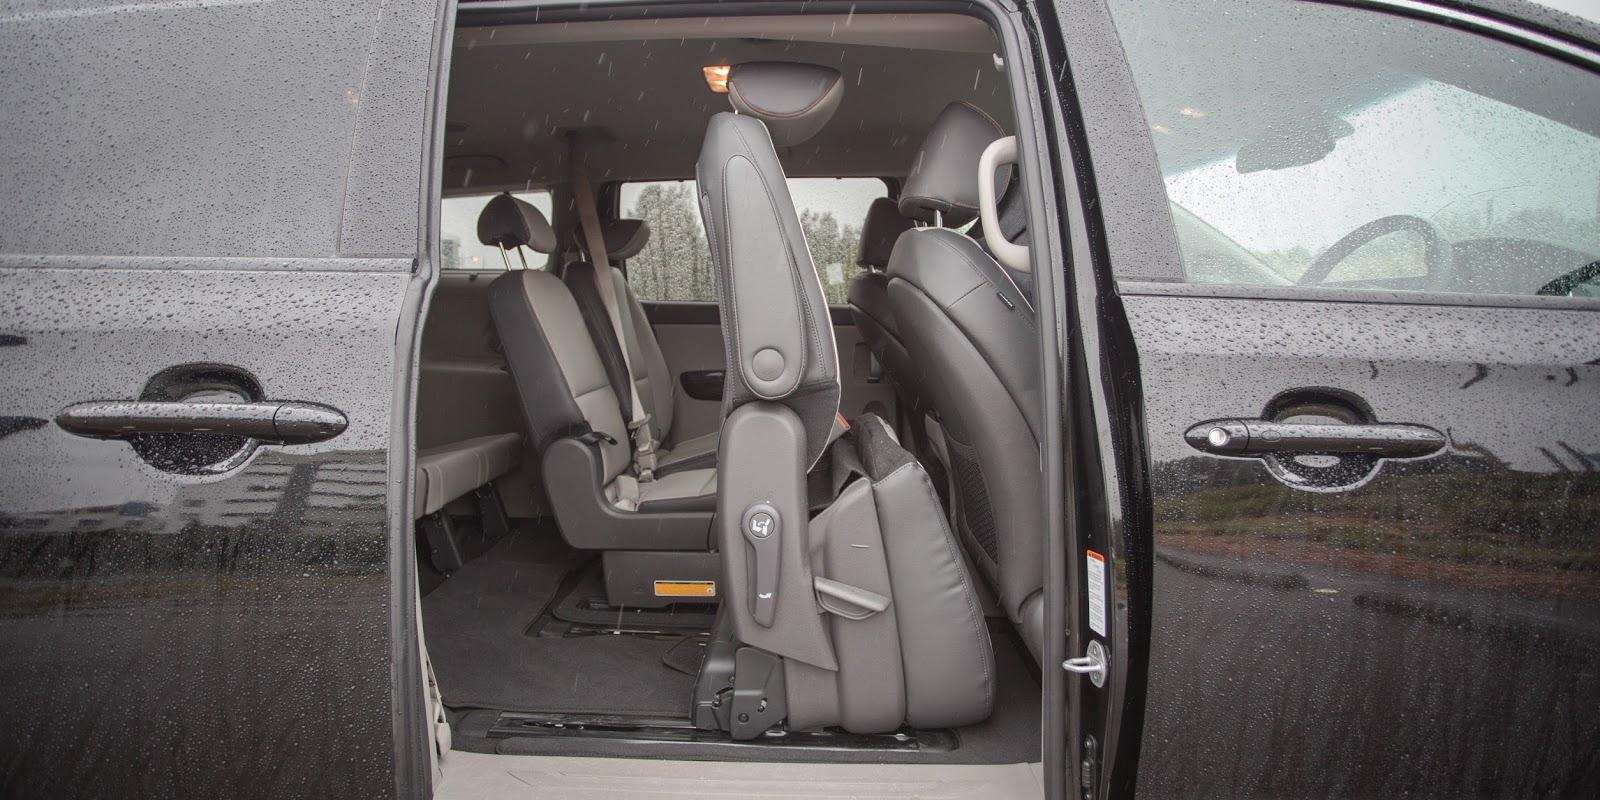 Cửa xe mở điện, nên rất tiện lợi và ghế thứ hai có thể tự mở lên